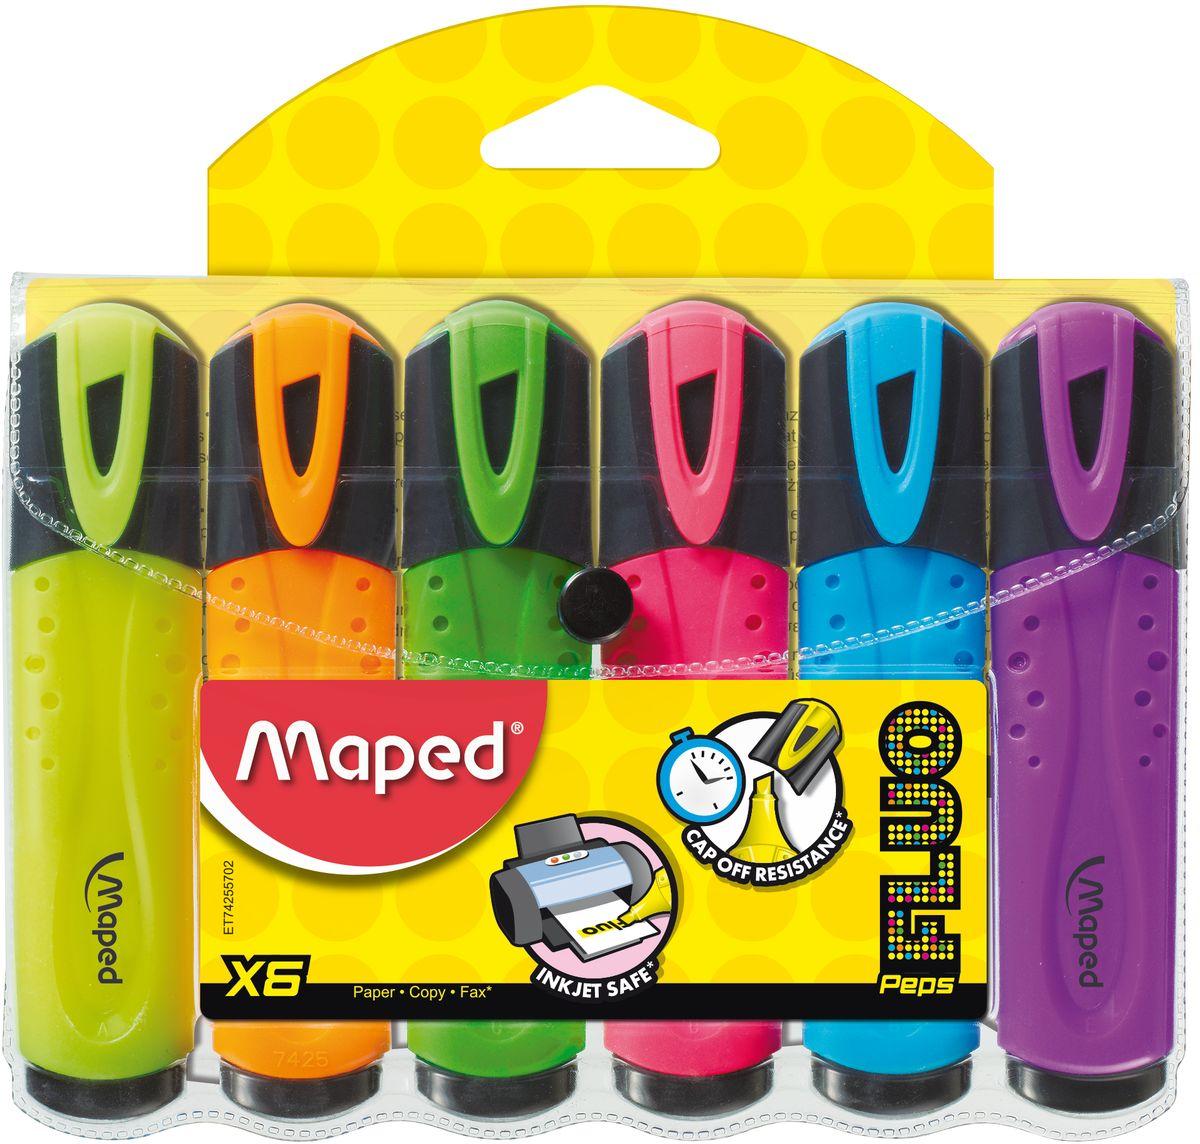 Maped Набор маркеров Fluo PepS 6 цветовFS-36052Текстовыделитель классический, пишущий узел 1-5мм, устойчивые в солнечному свету чернила, набор 6 шт.